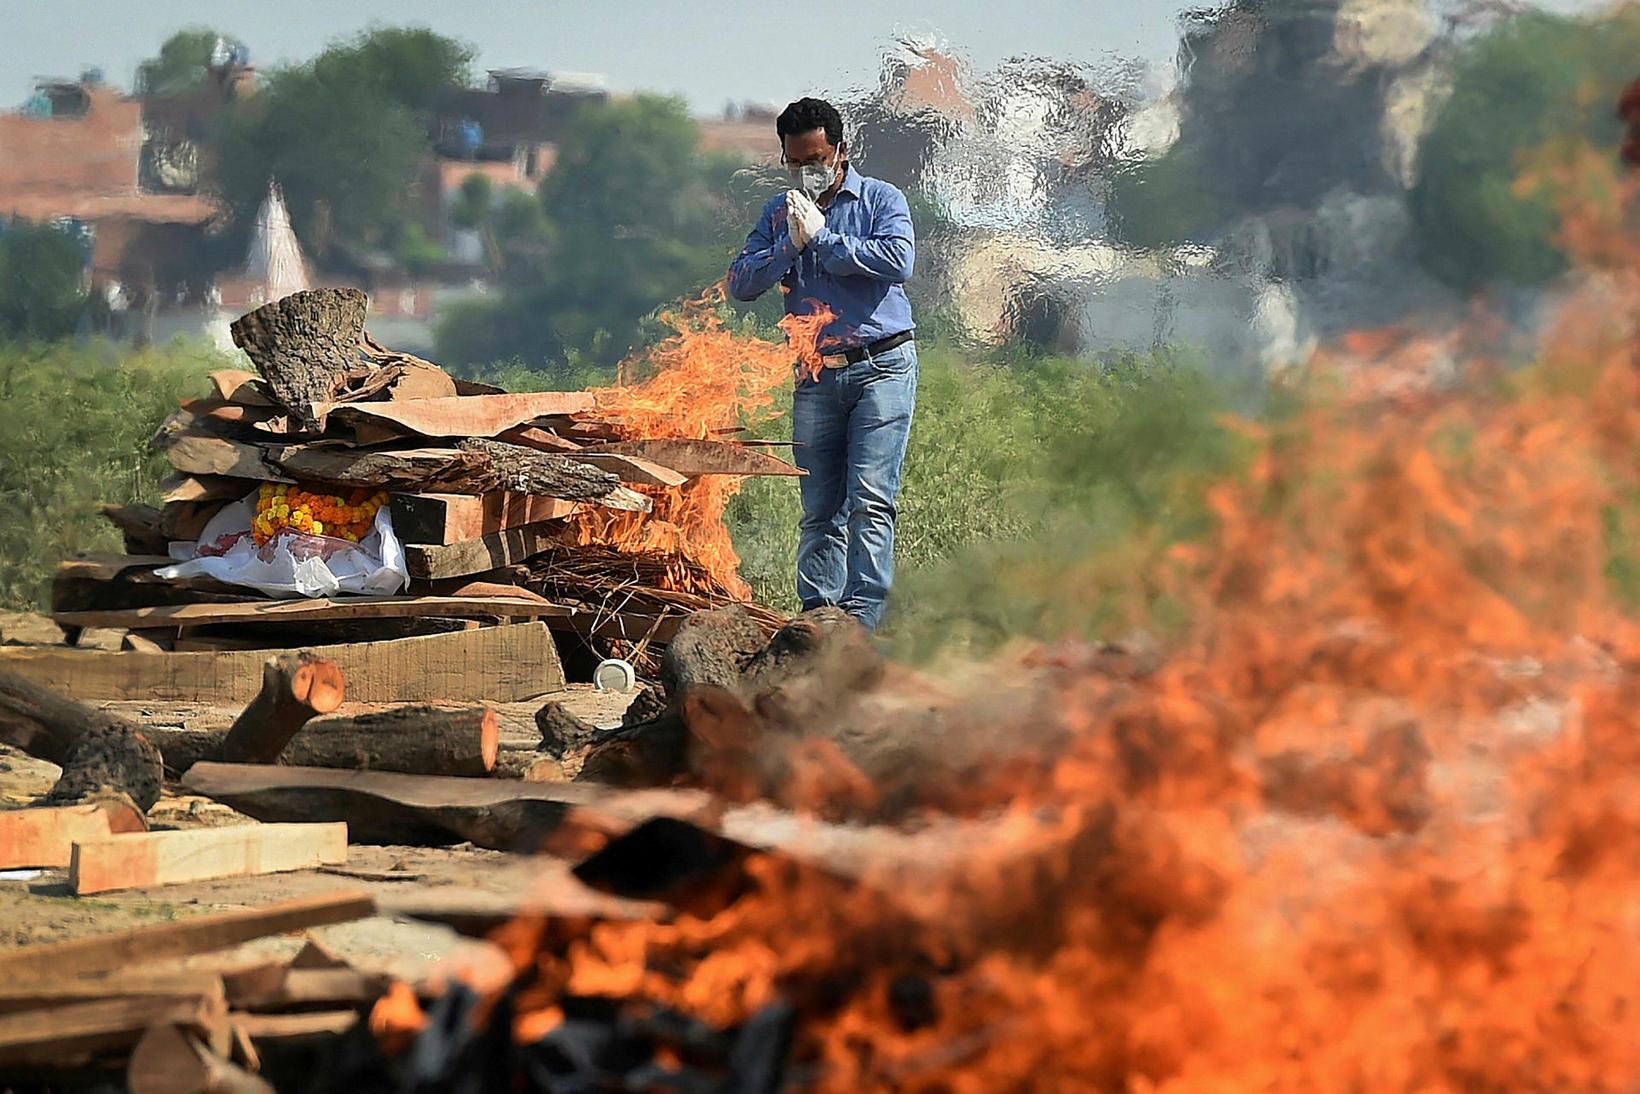 Fórnarlömb faraldursins brennd á báli í Allahabad í Indlandi um …